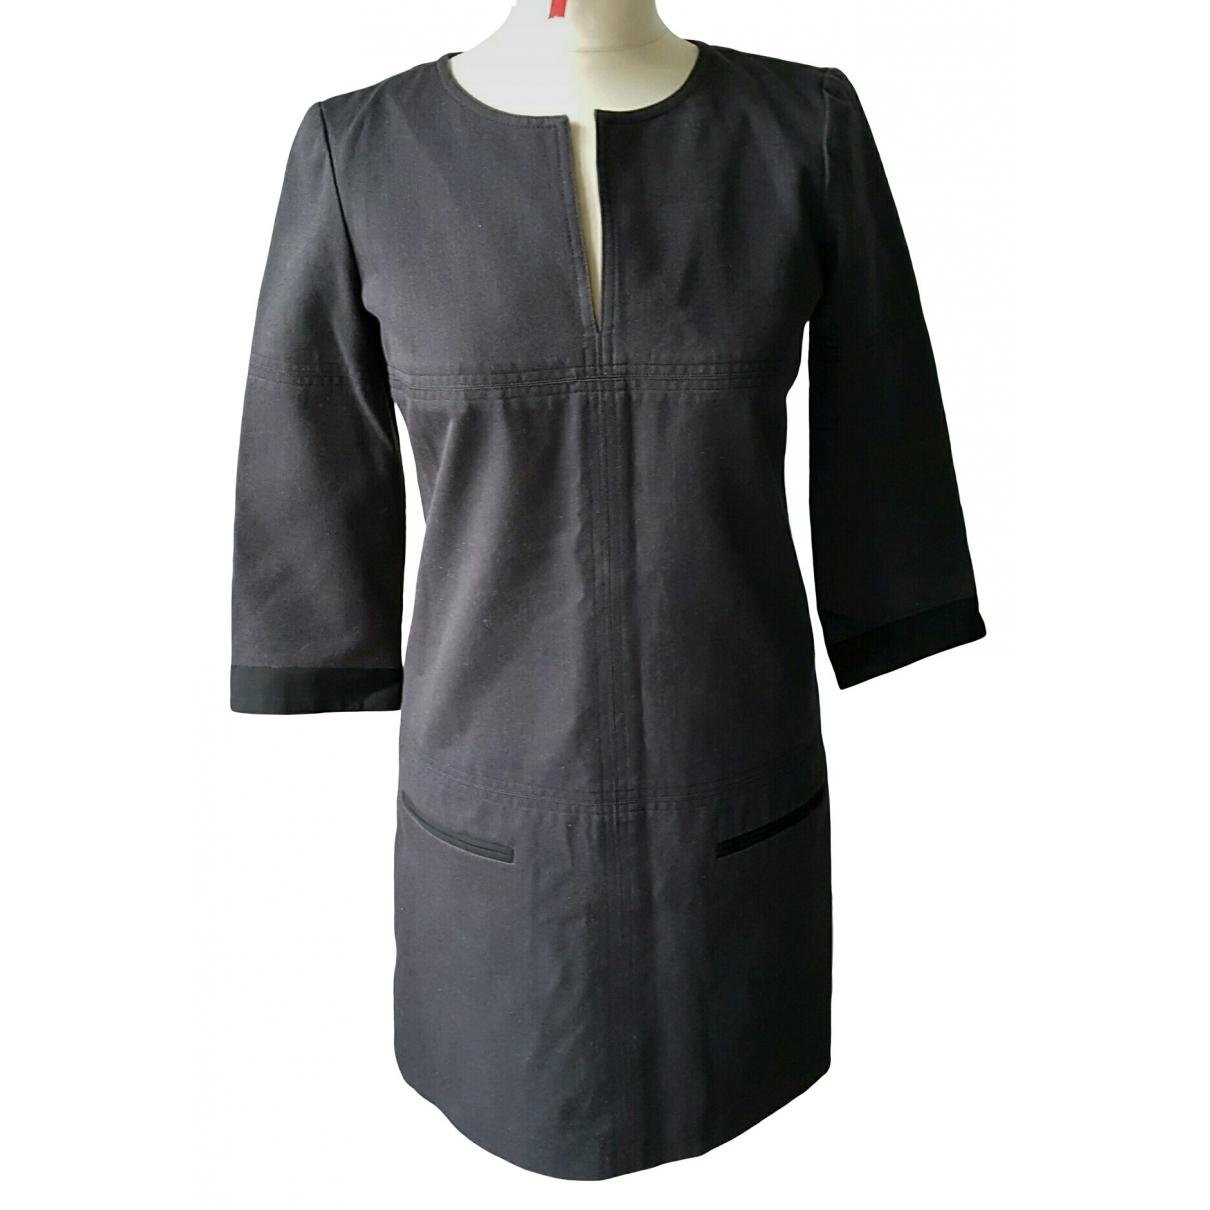 Comptoir Des Cotonniers \N Anthracite Cotton dress for Women 36 FR